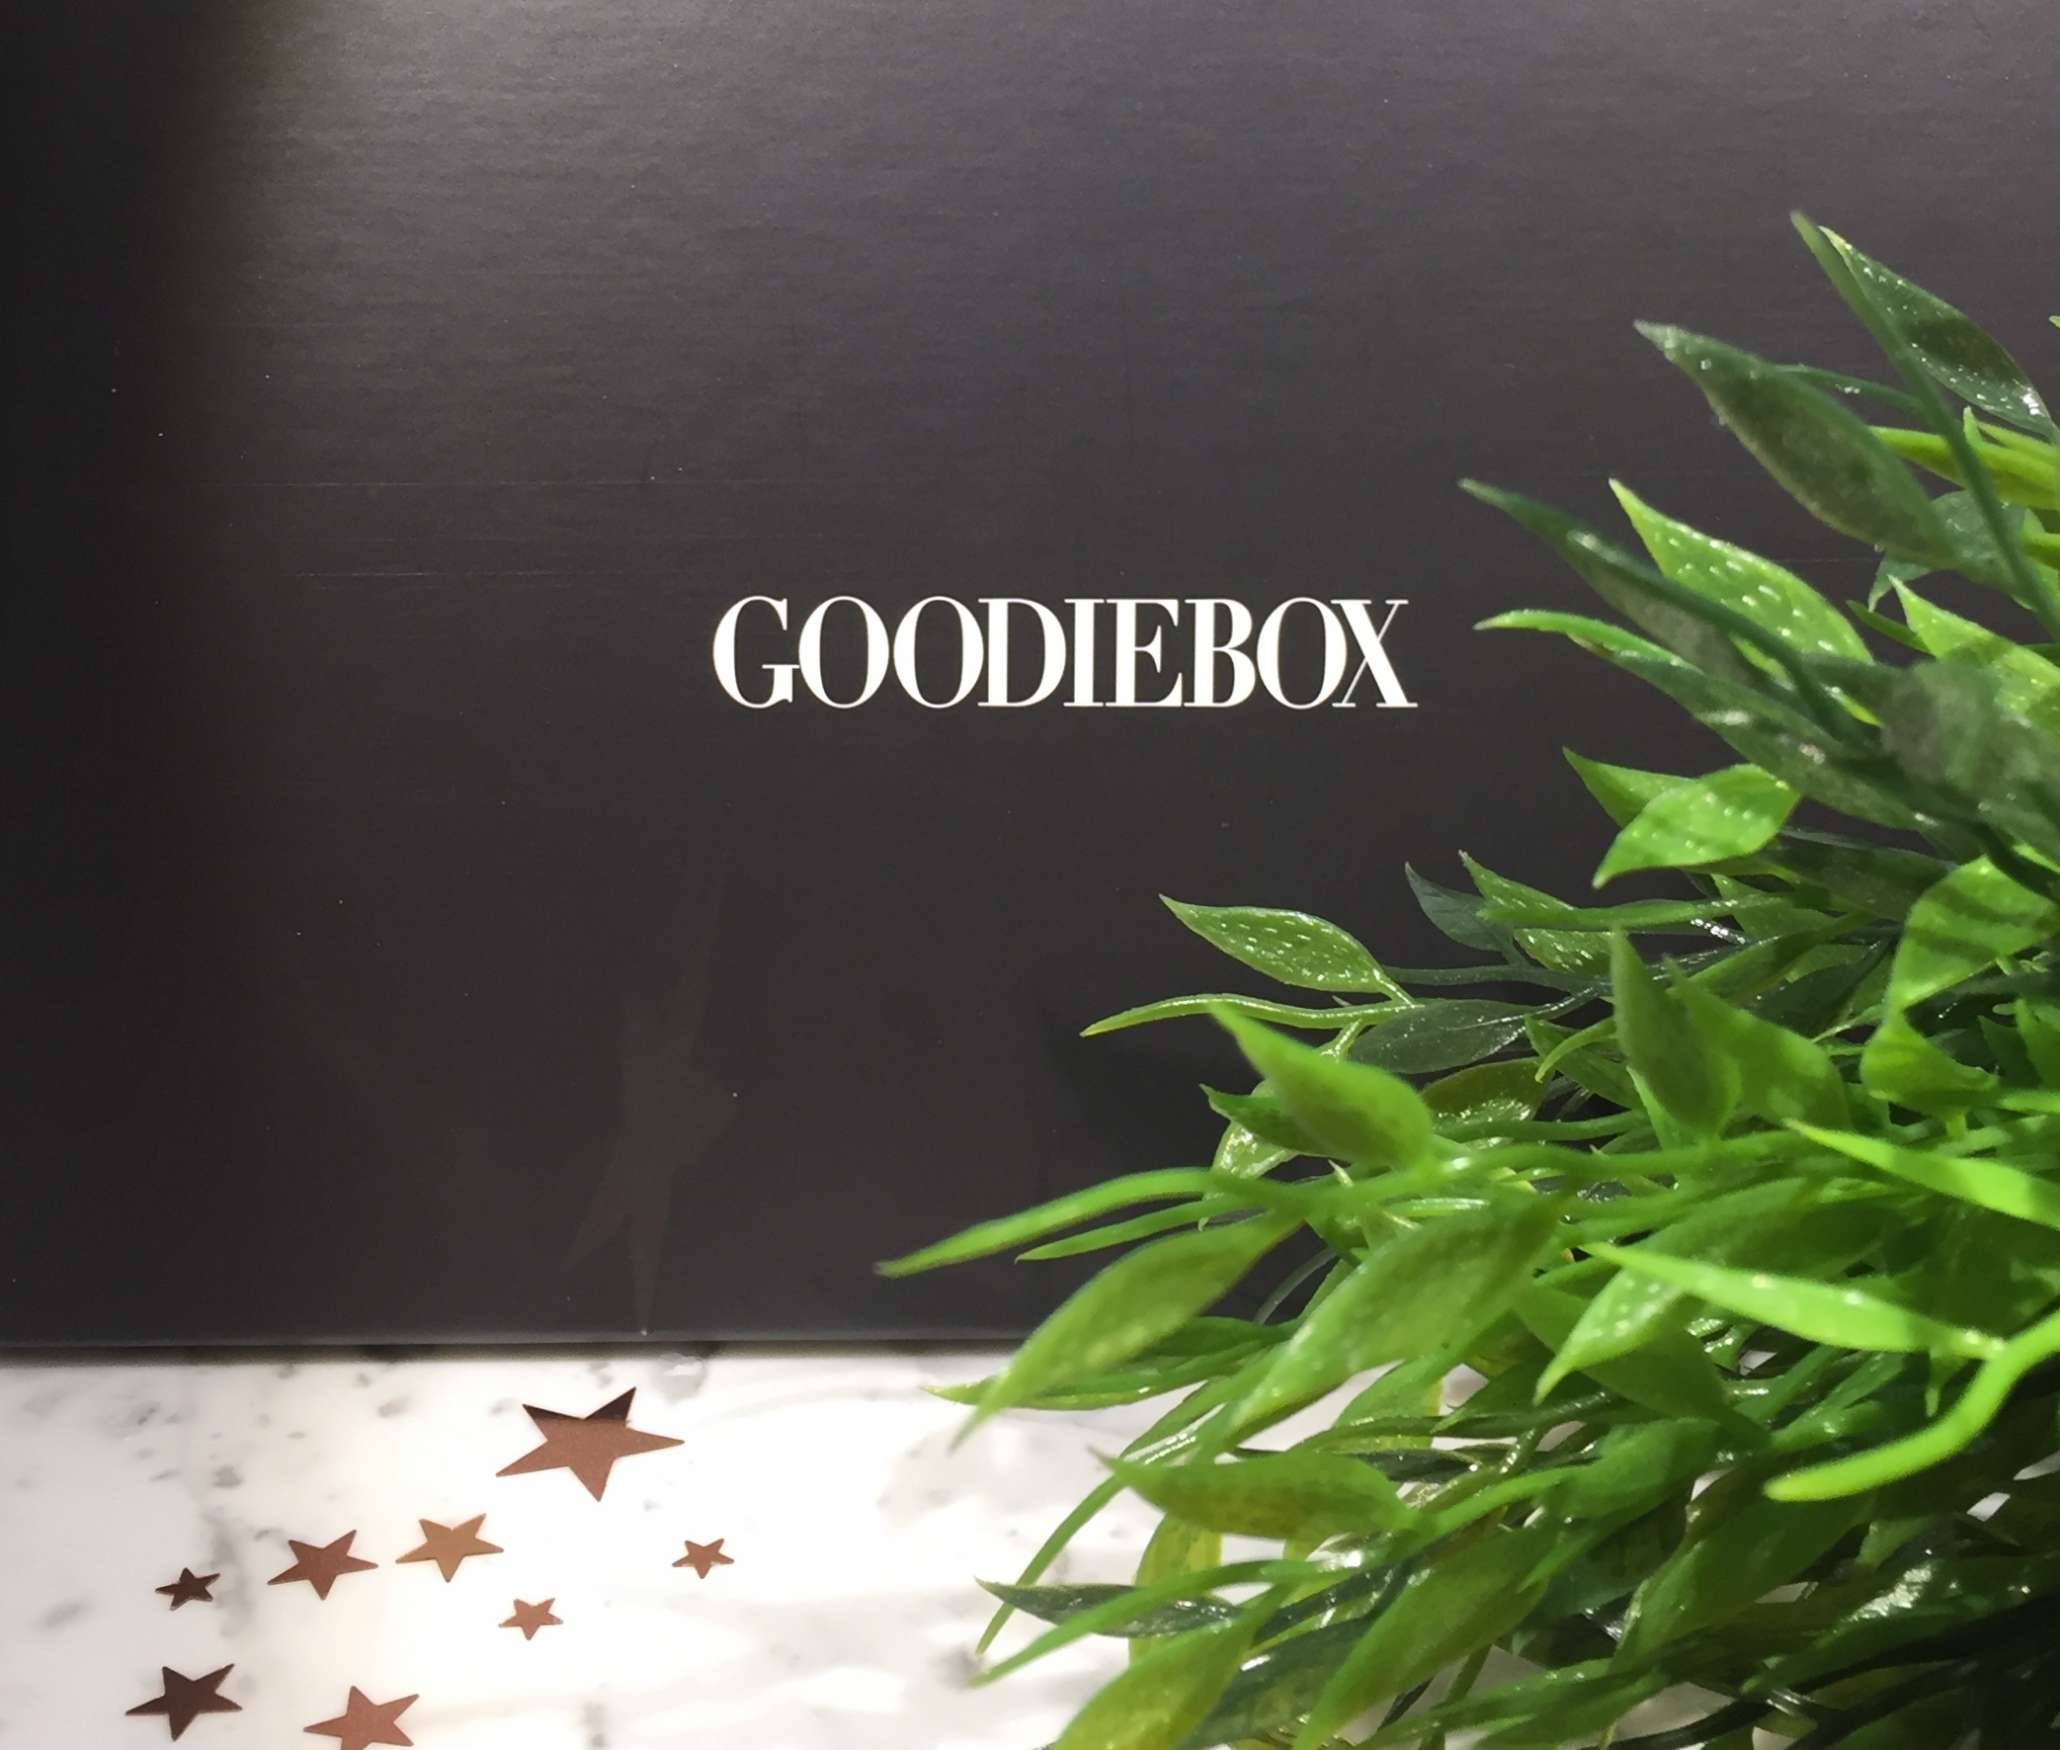 Goodiebox, Goodiebox.dk, Goodiebox November 2017, Noise PR, Krummes Krummelurer